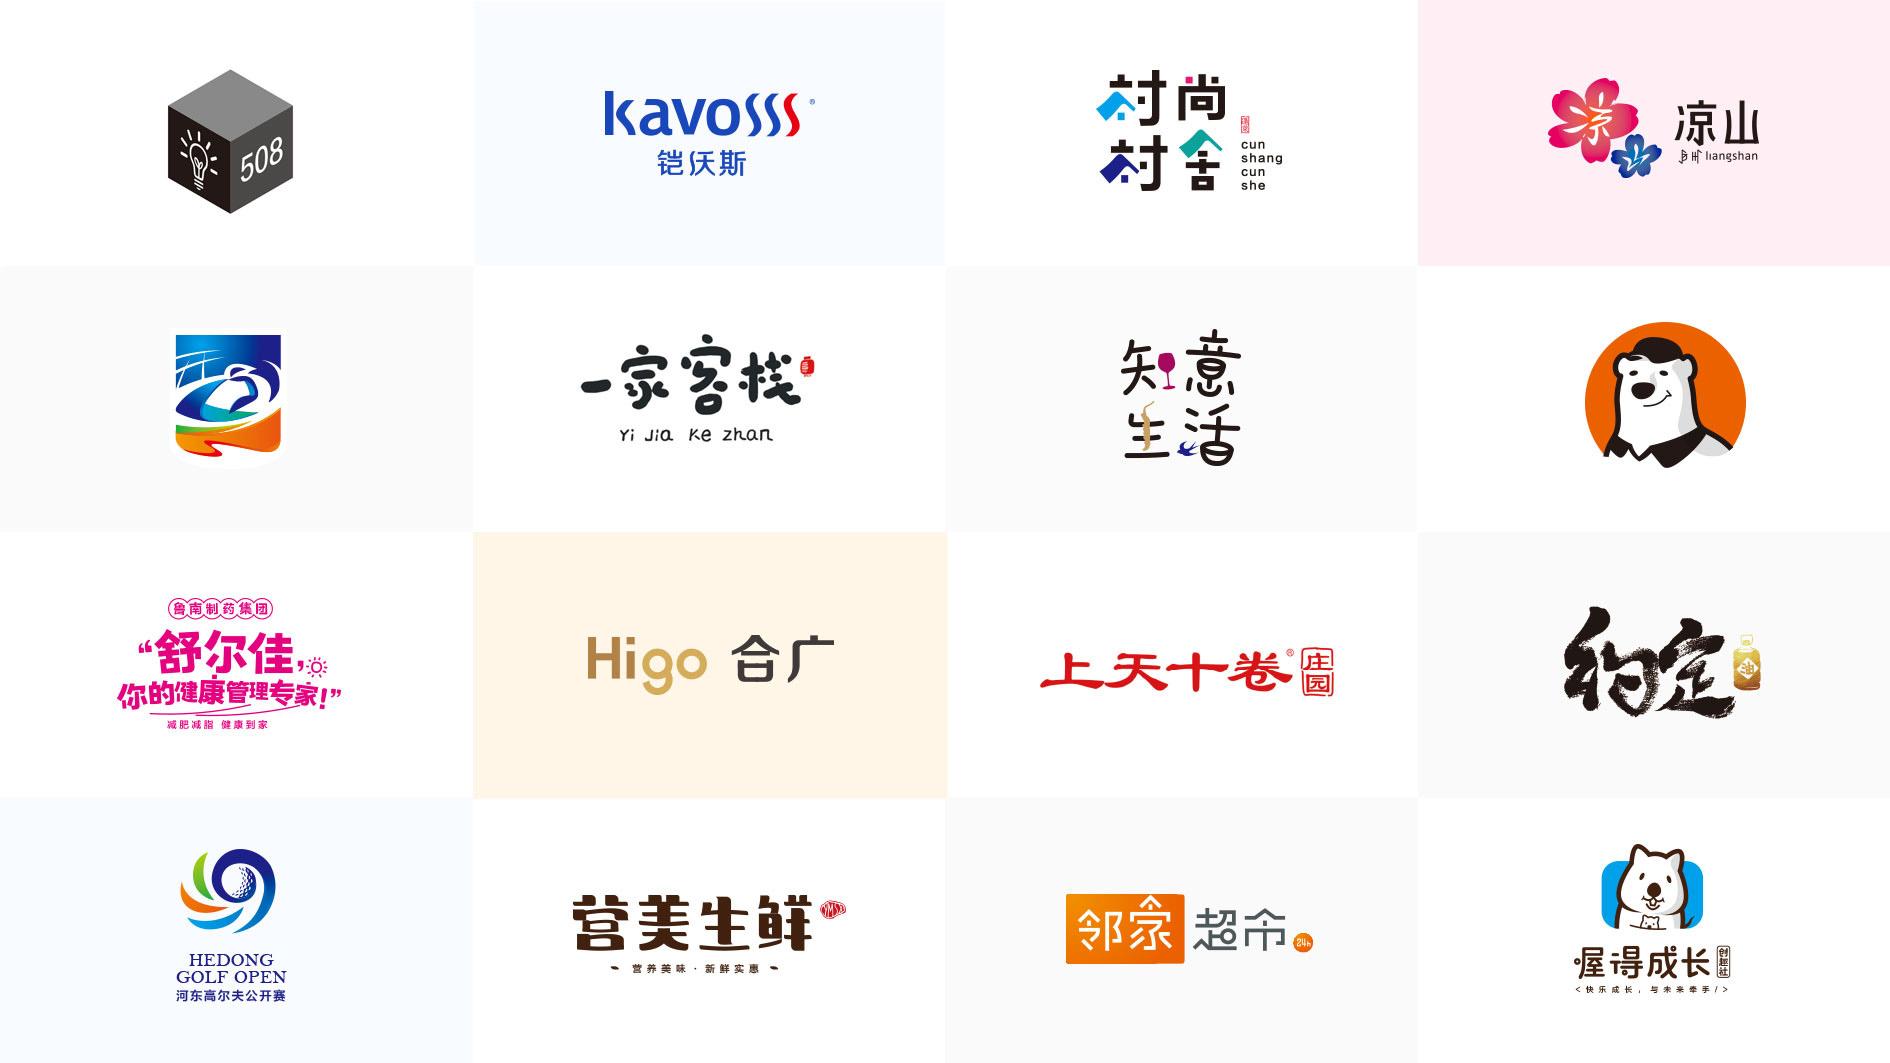 济南品牌设计公司-兴动设计-优秀logo标志作品分享